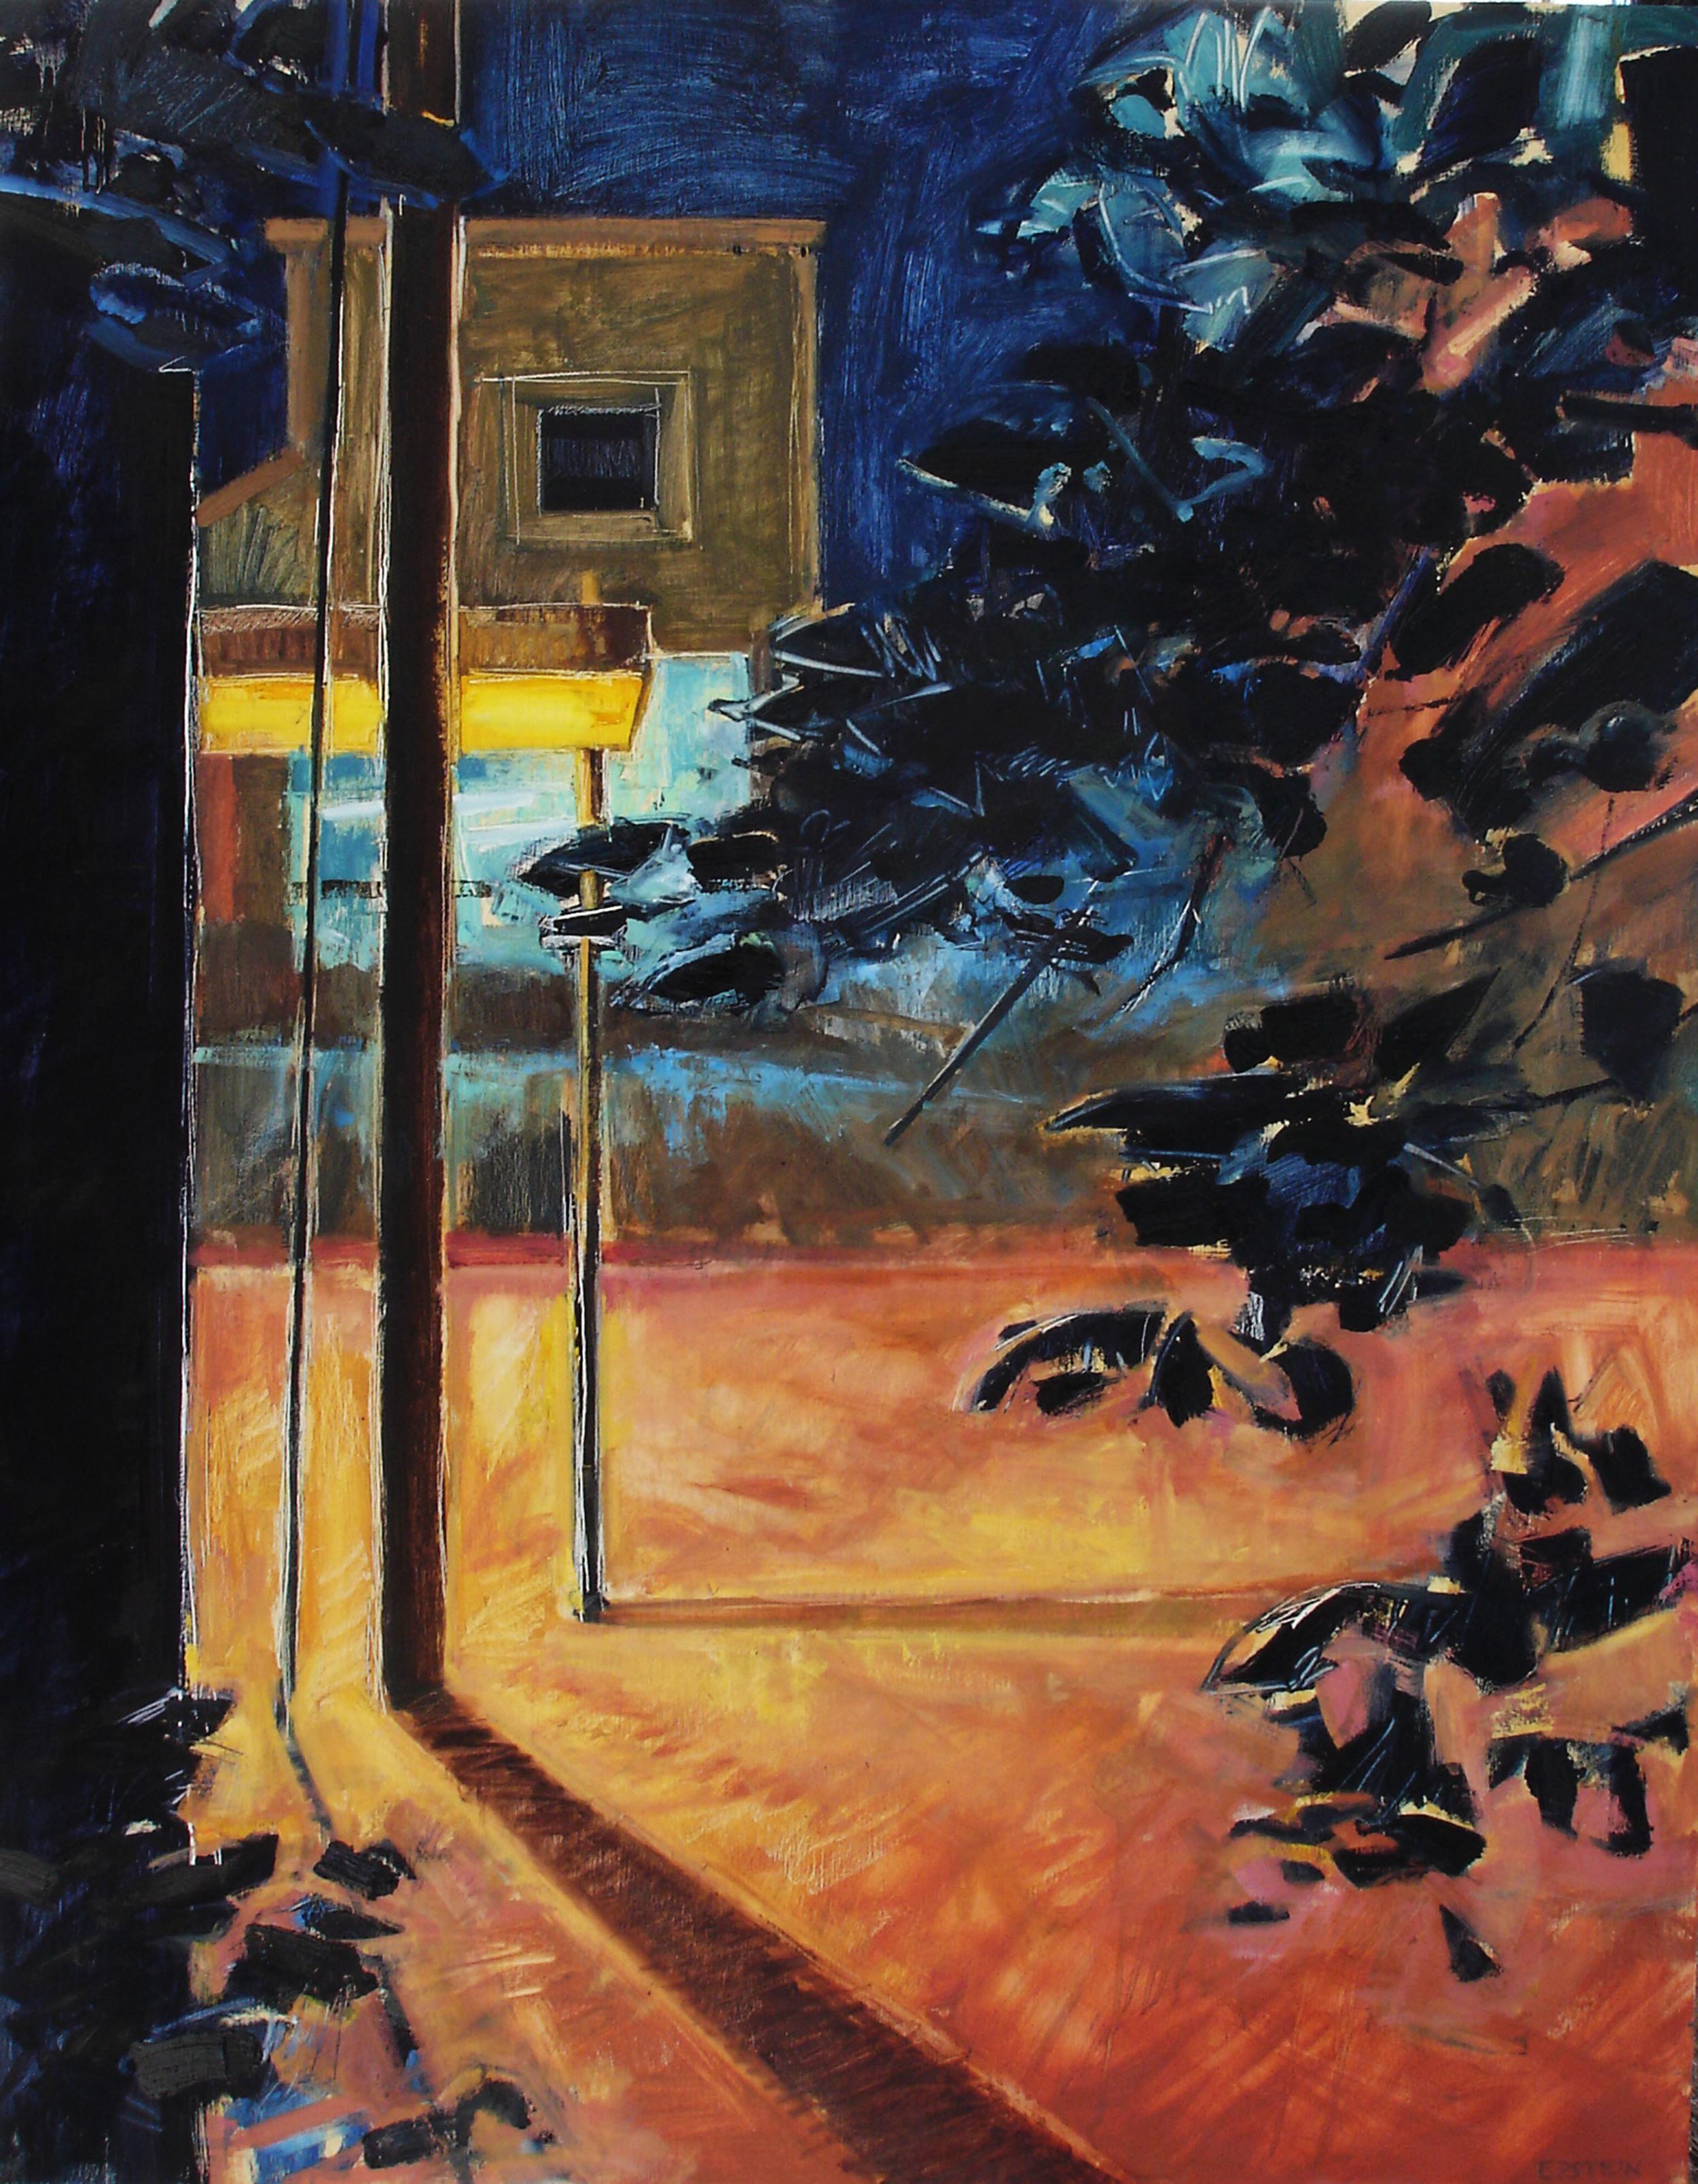 Streetlight, No. 14